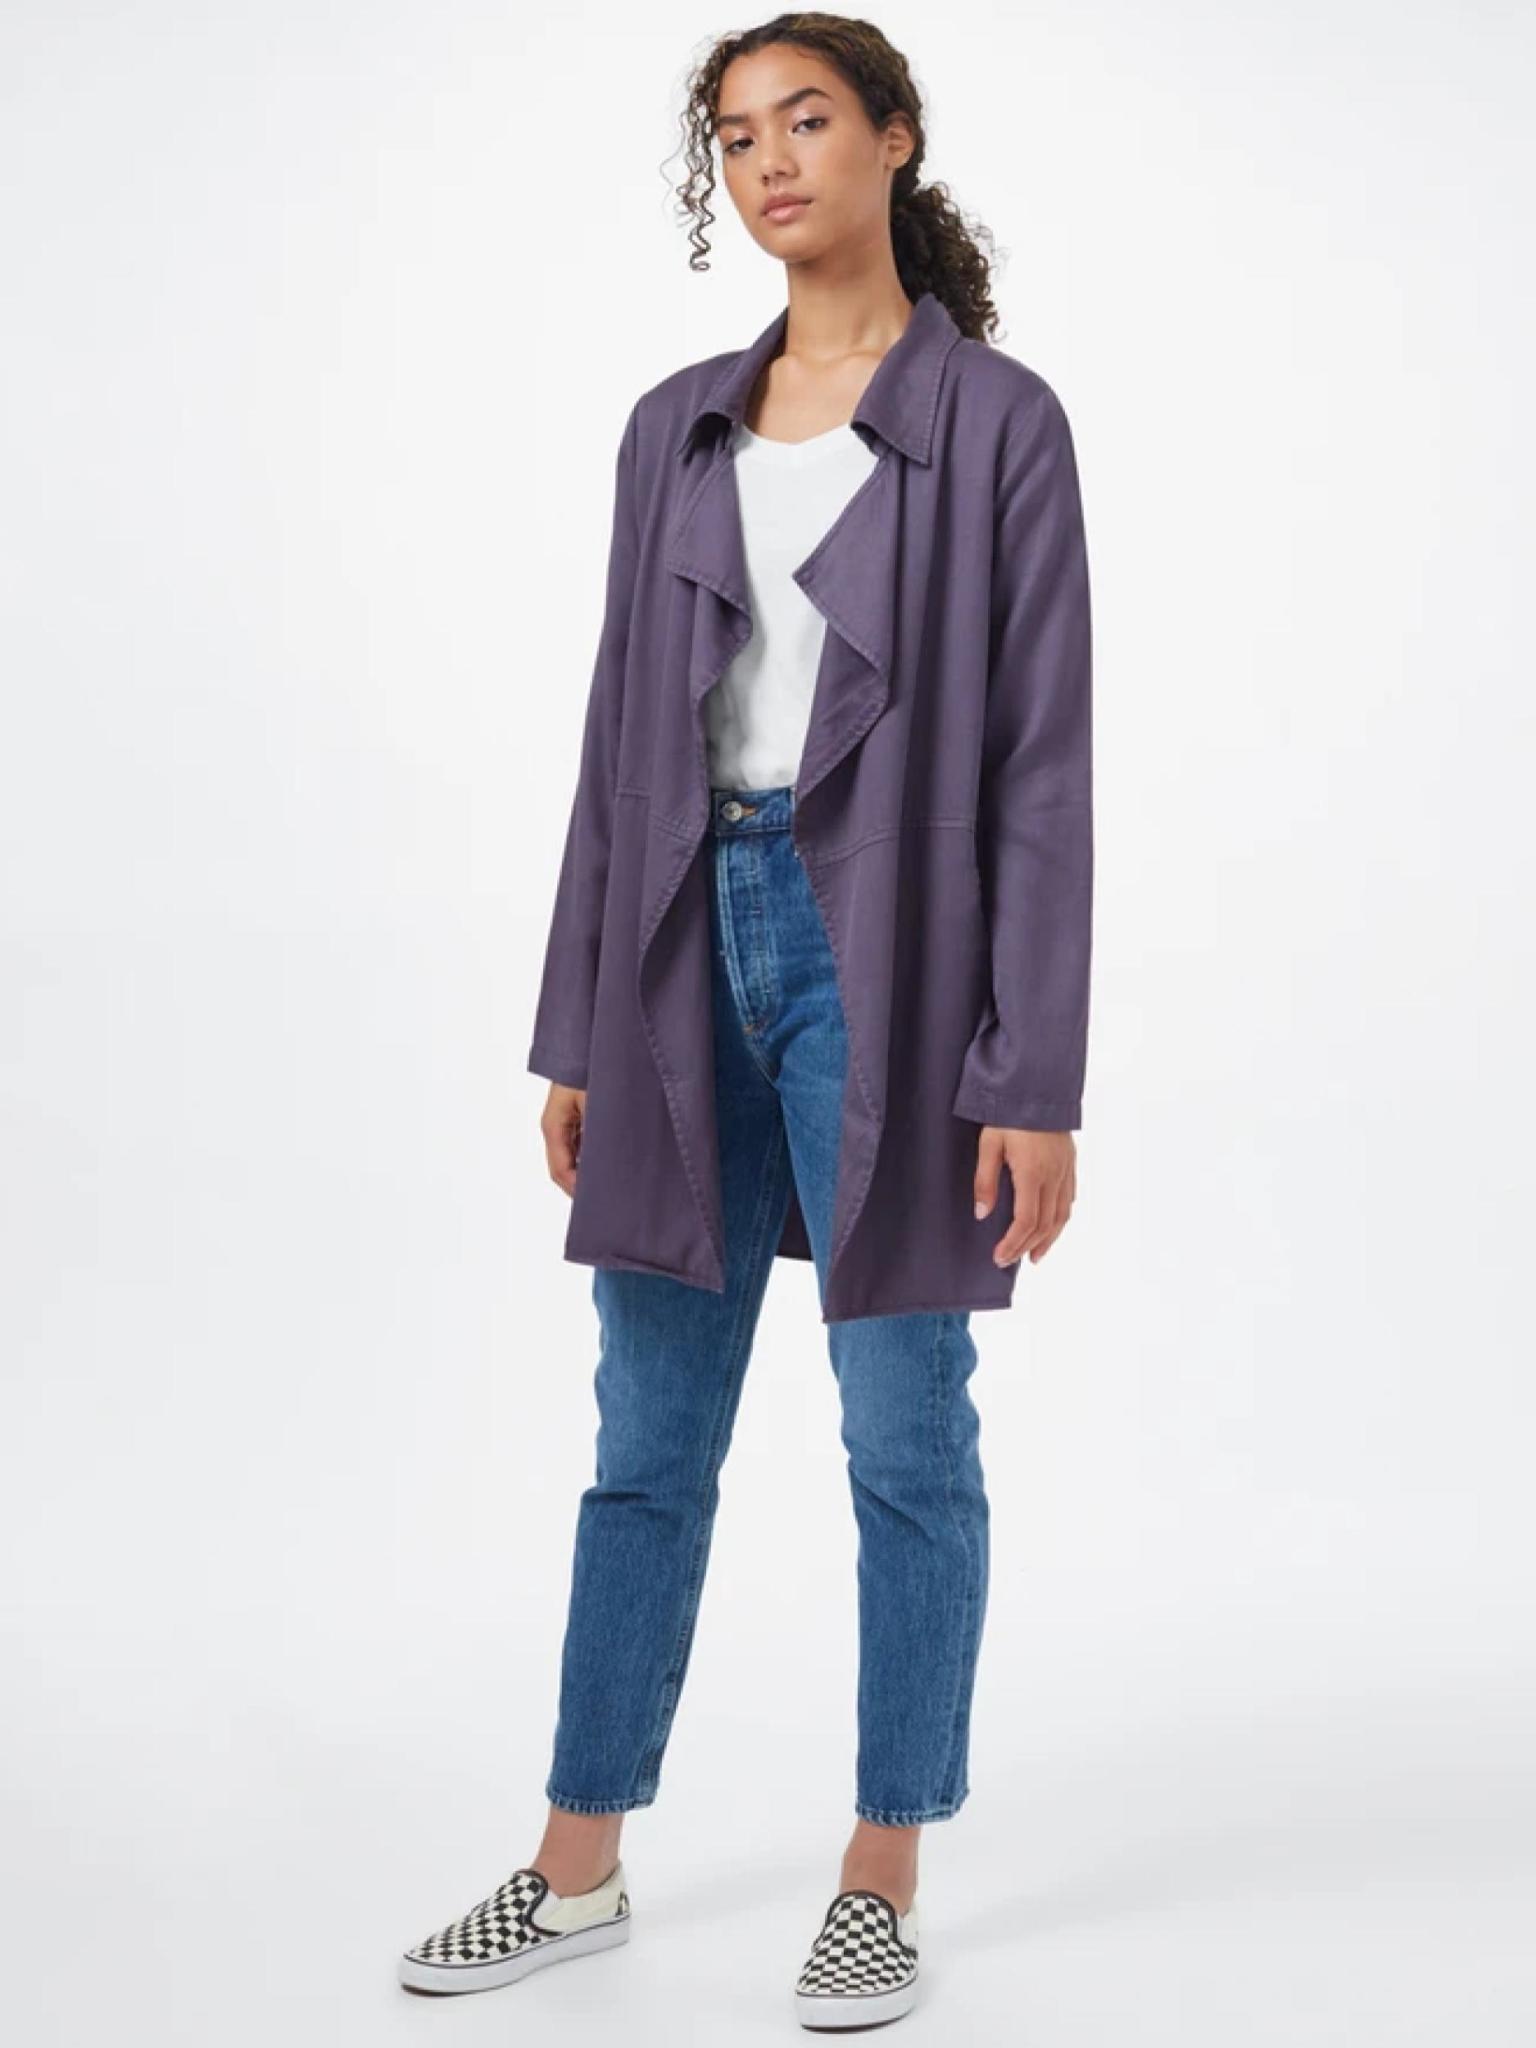 Tentree Women's Echo Lightweight Jacket